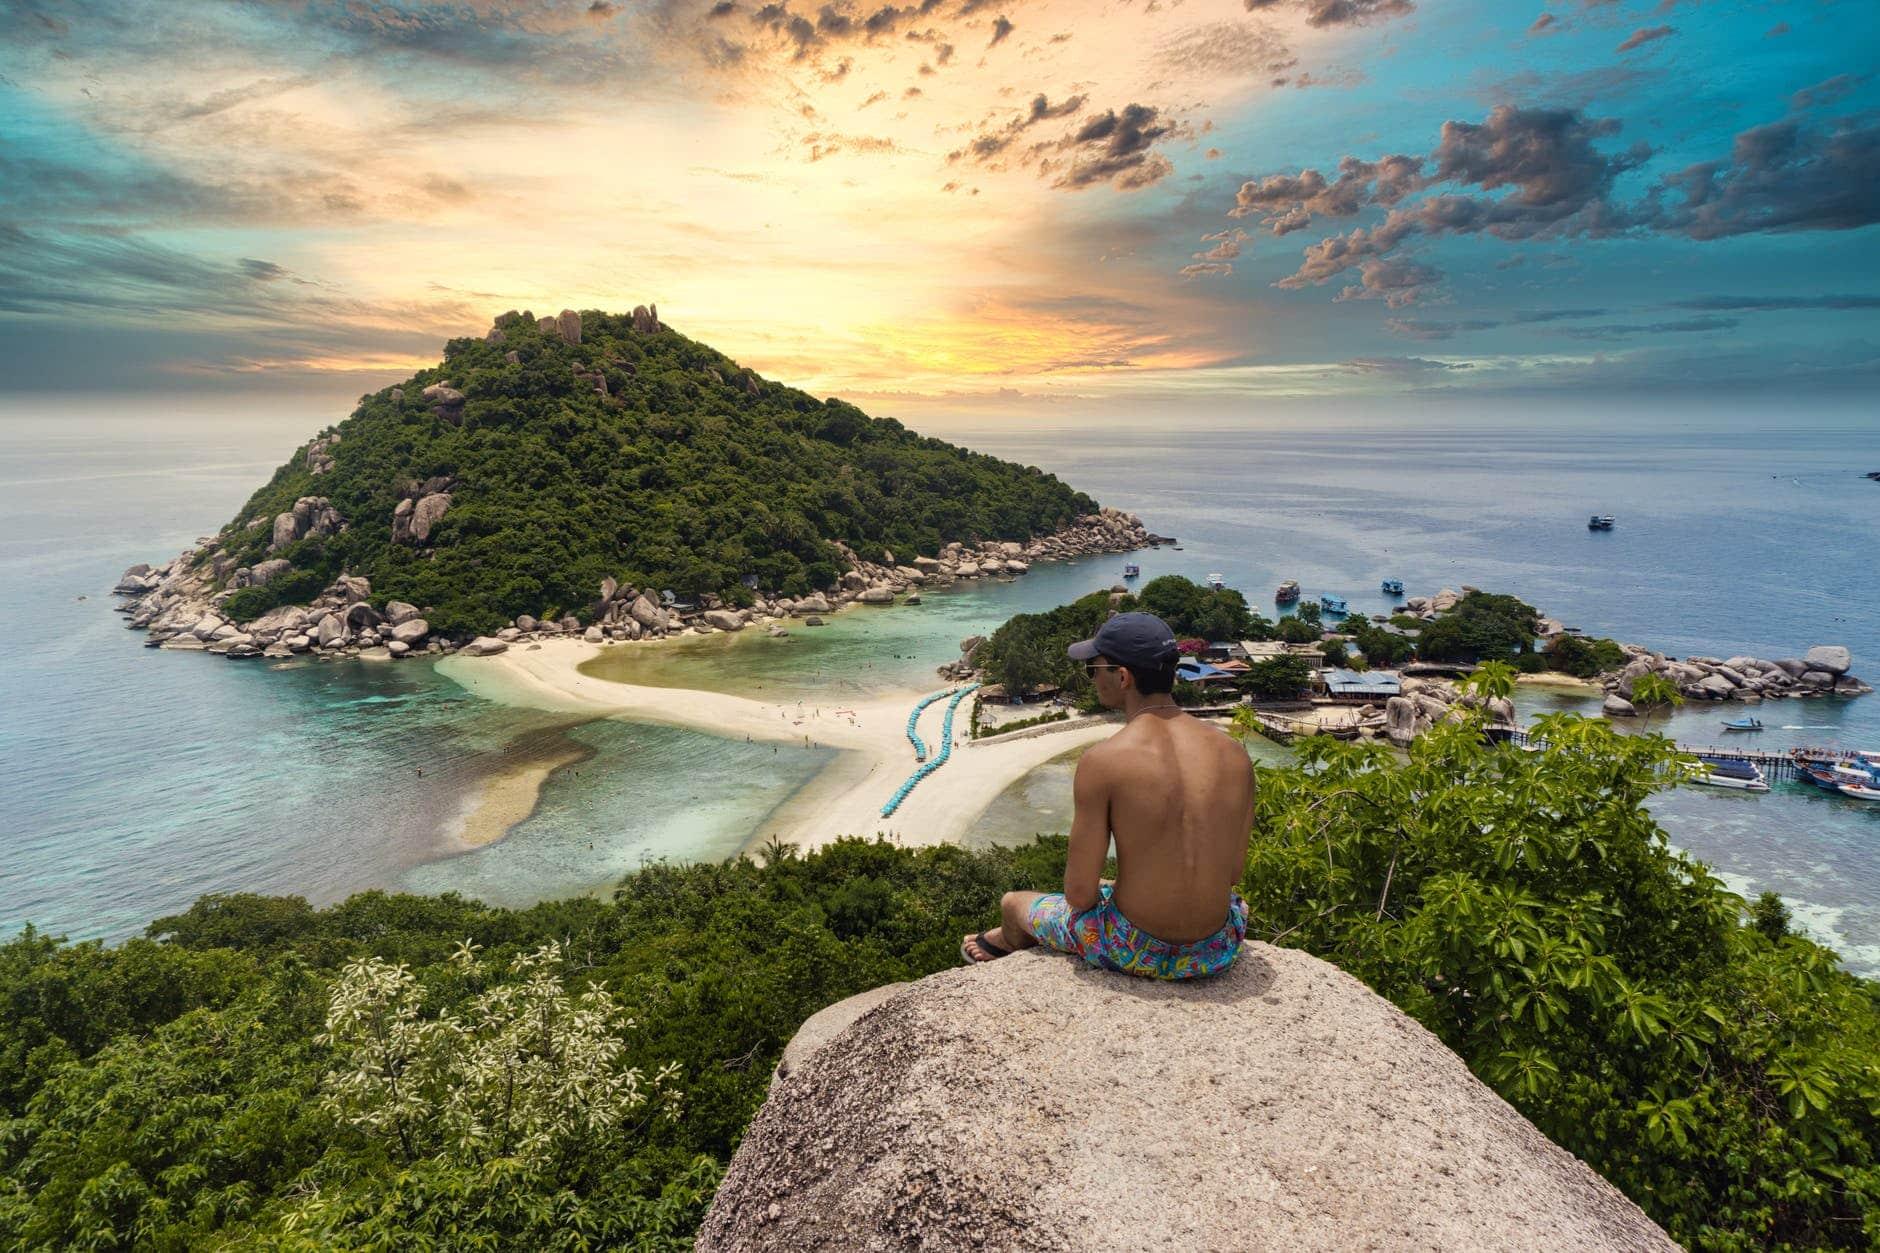 Koh Tao: Auf der winzigen Insel gibt es dutzende Tauchbasen – entsprechend ist die Destination ideal zum Tauchen und Schnorcheln.